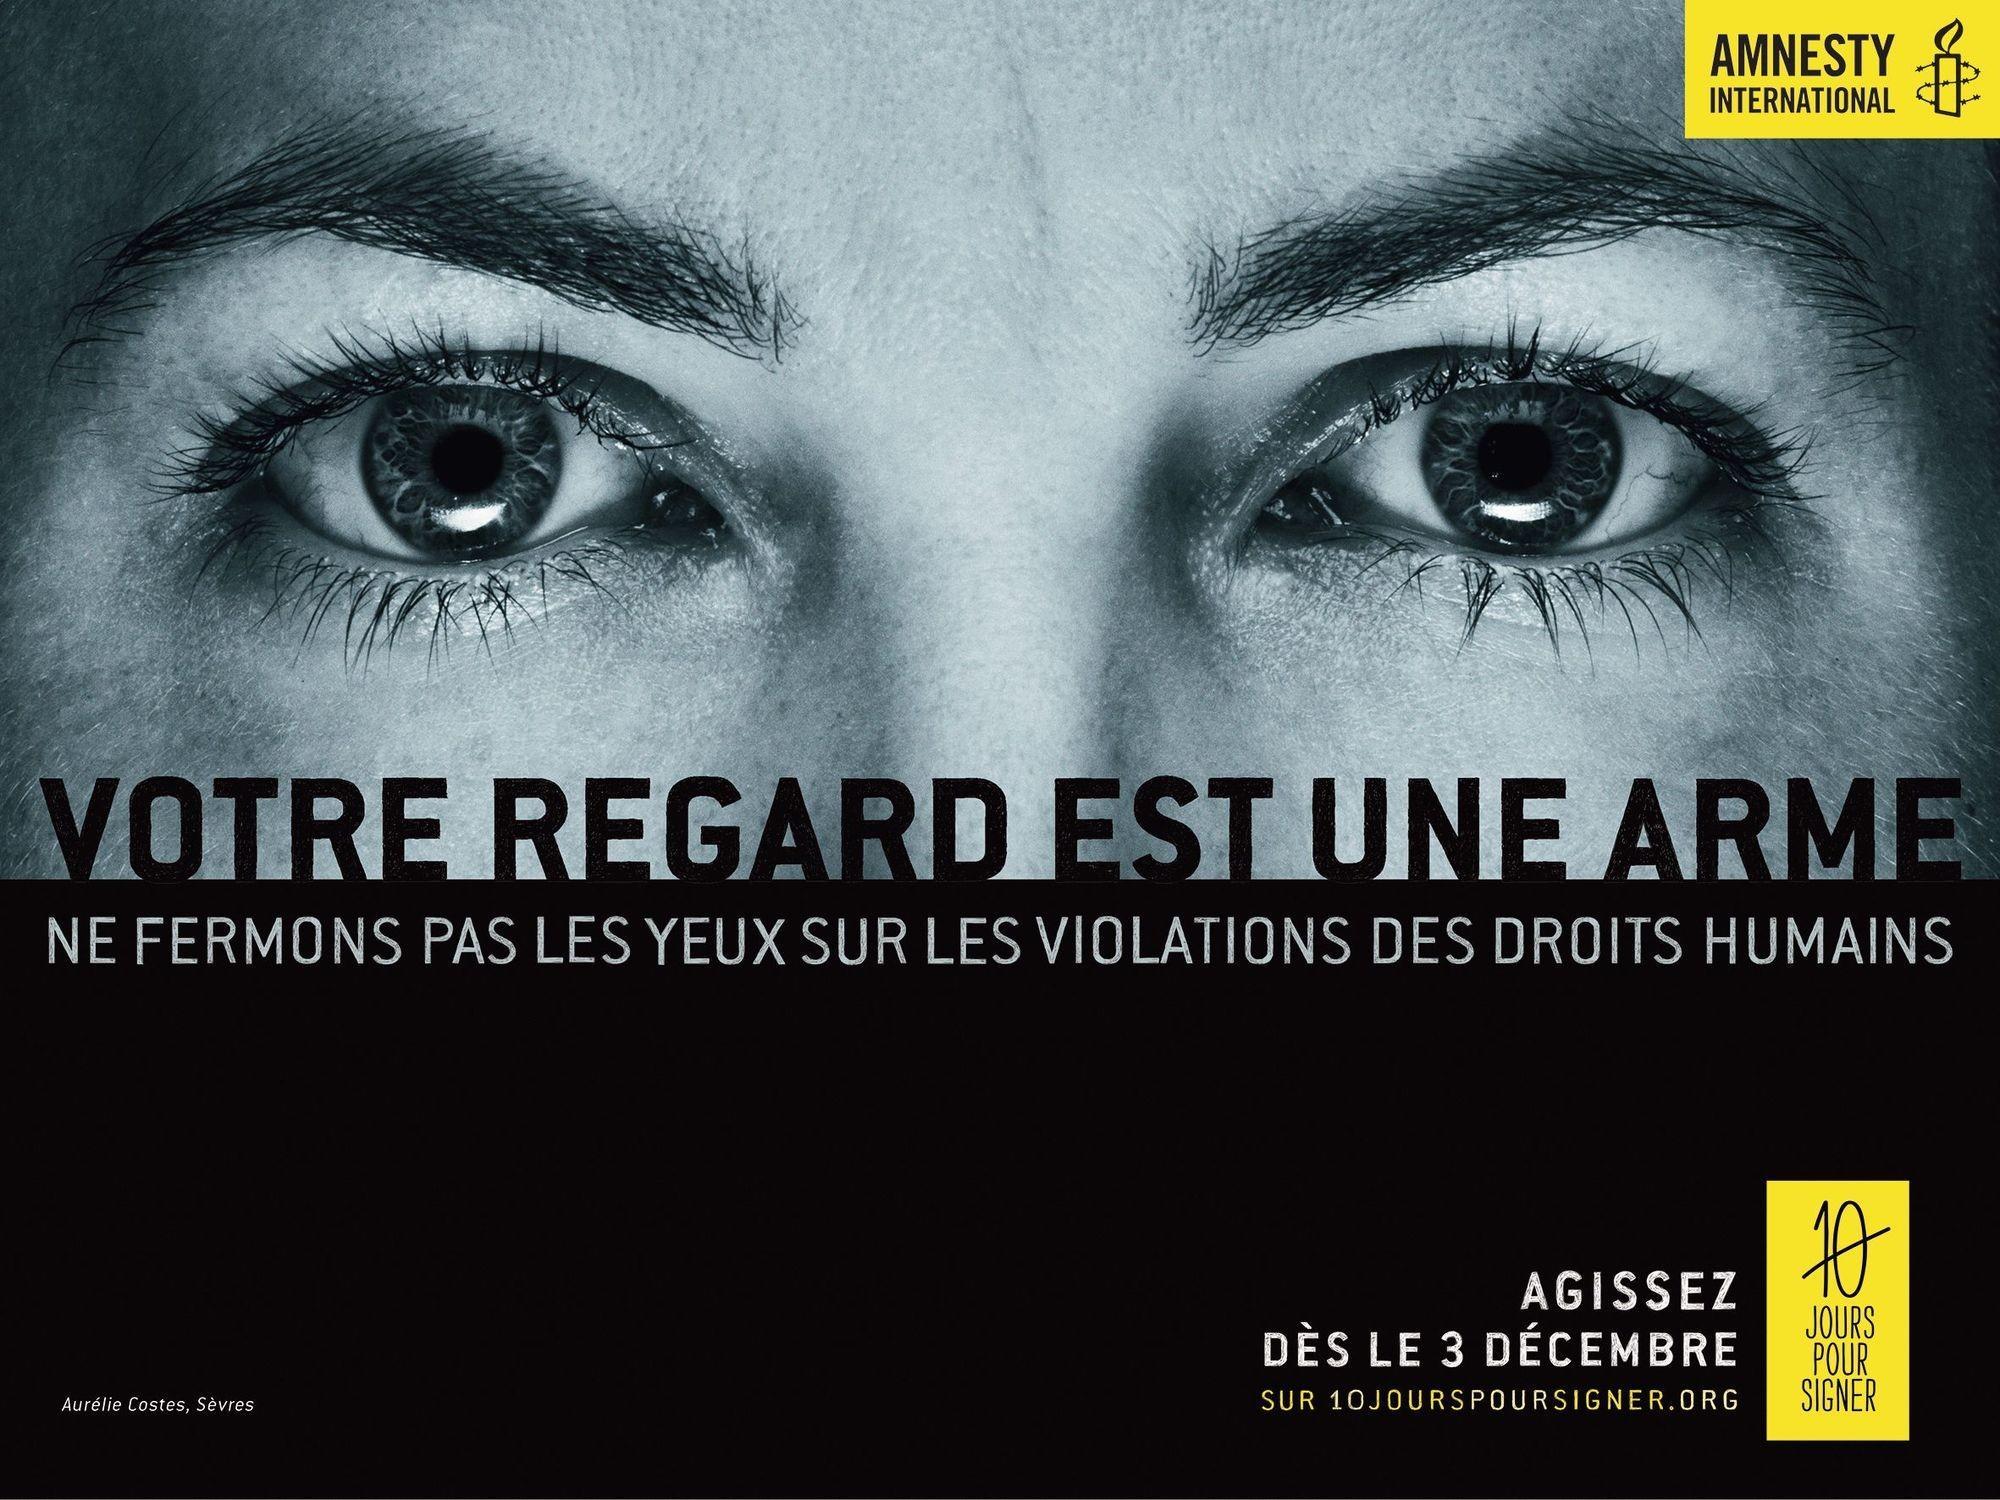 « Votre regard est une arme », affiche d'Amnesty International, 3 décembre 2014.